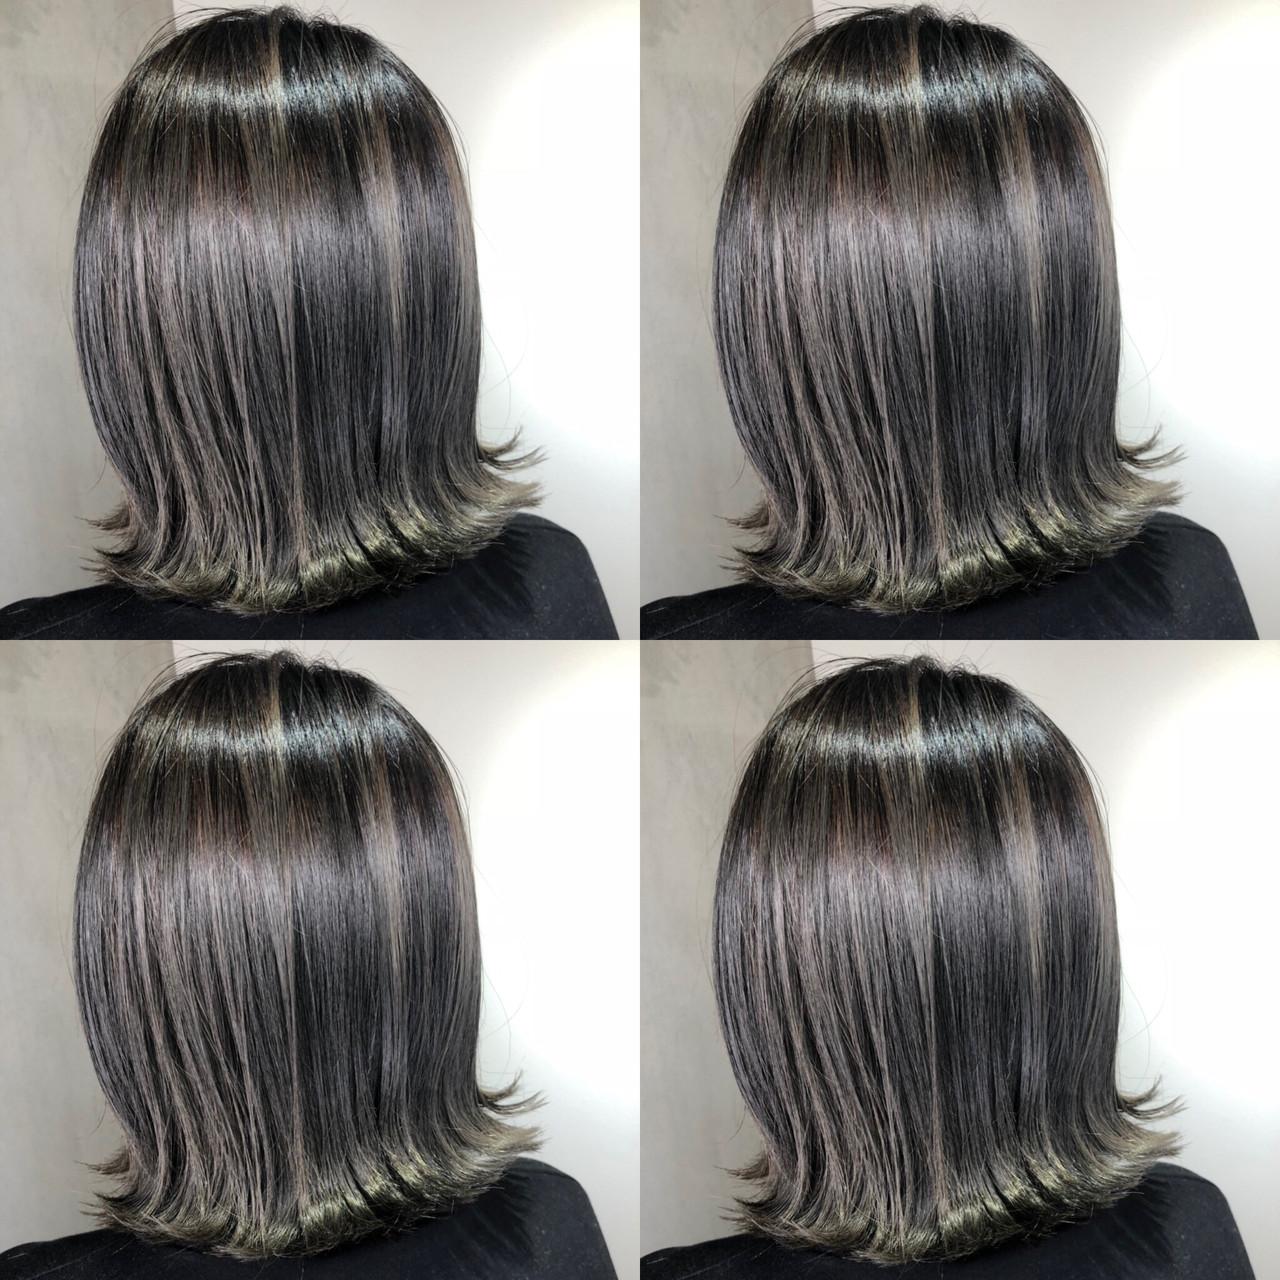 ストリート グレージュ 切りっぱなし グラデーションカラー ヘアスタイルや髪型の写真・画像 | 筒井 隆由 / Hair salon mode